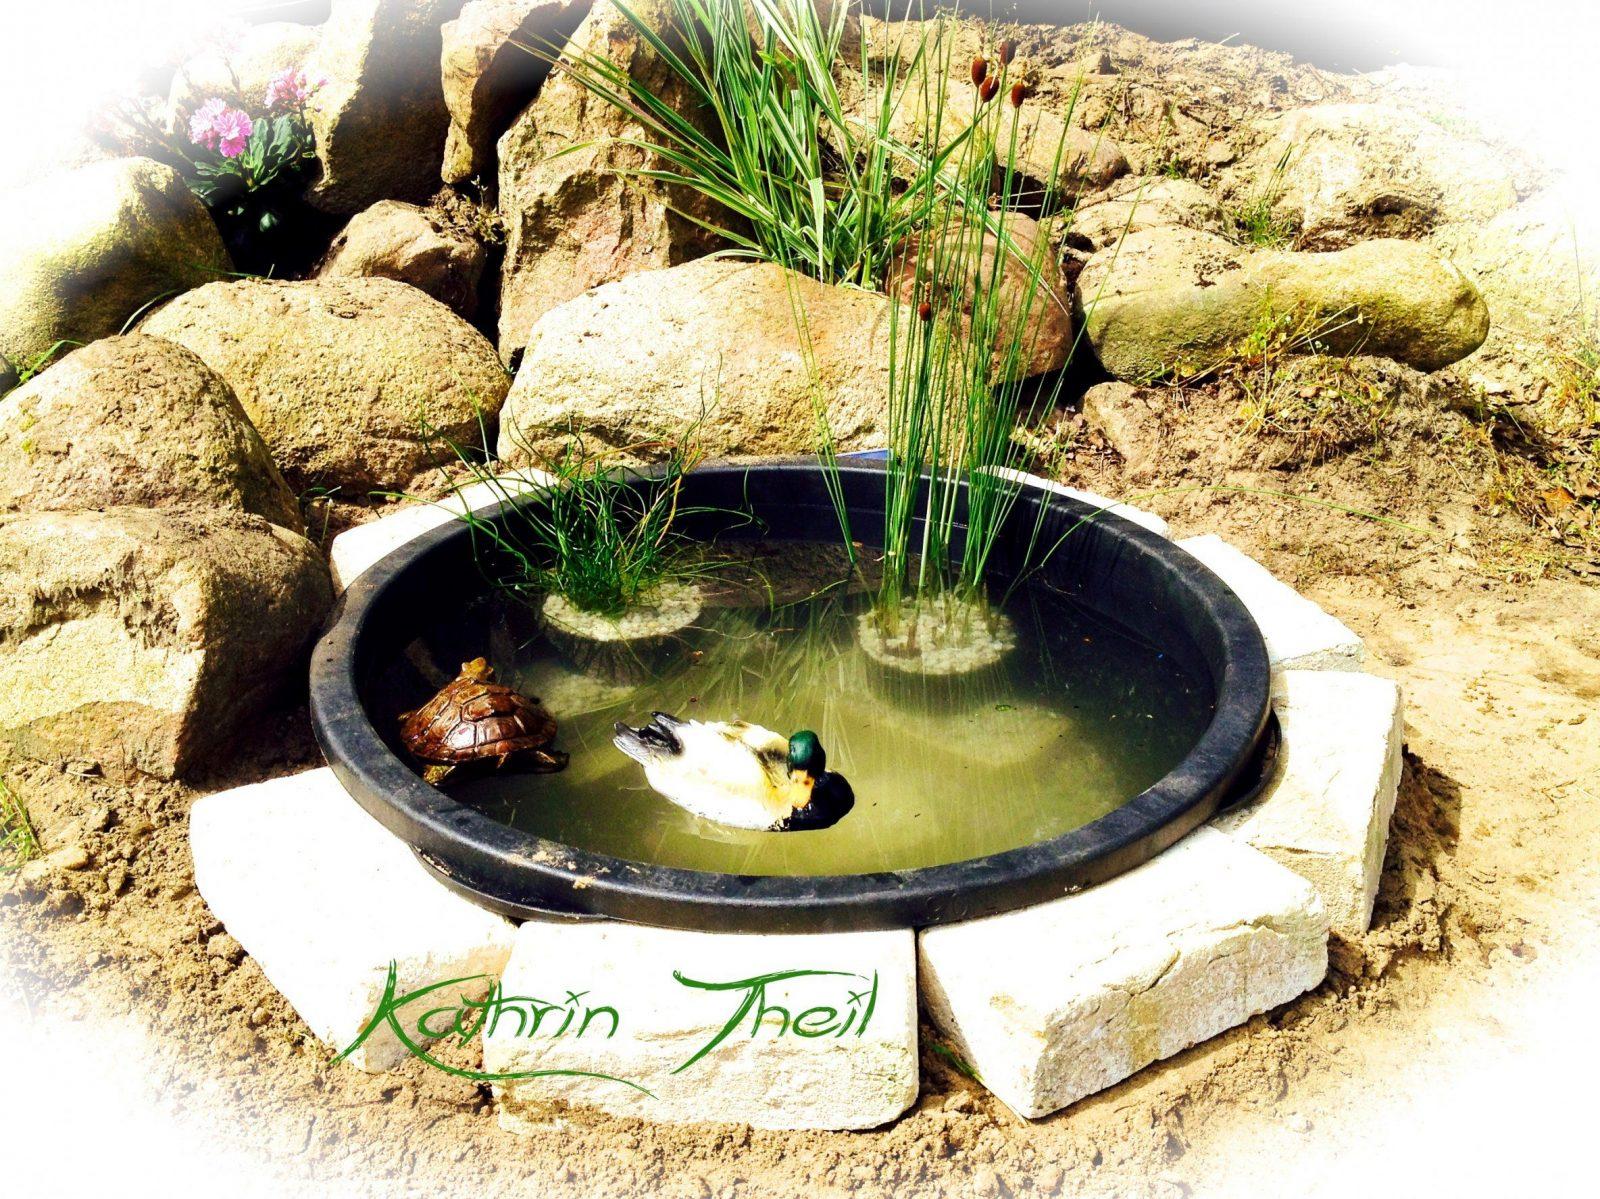 Kleine Brunnen Selber Bauen Igelscout Info Mit Brunnen Selber Machen von Kleinen Brunnen Selber Bauen Bild